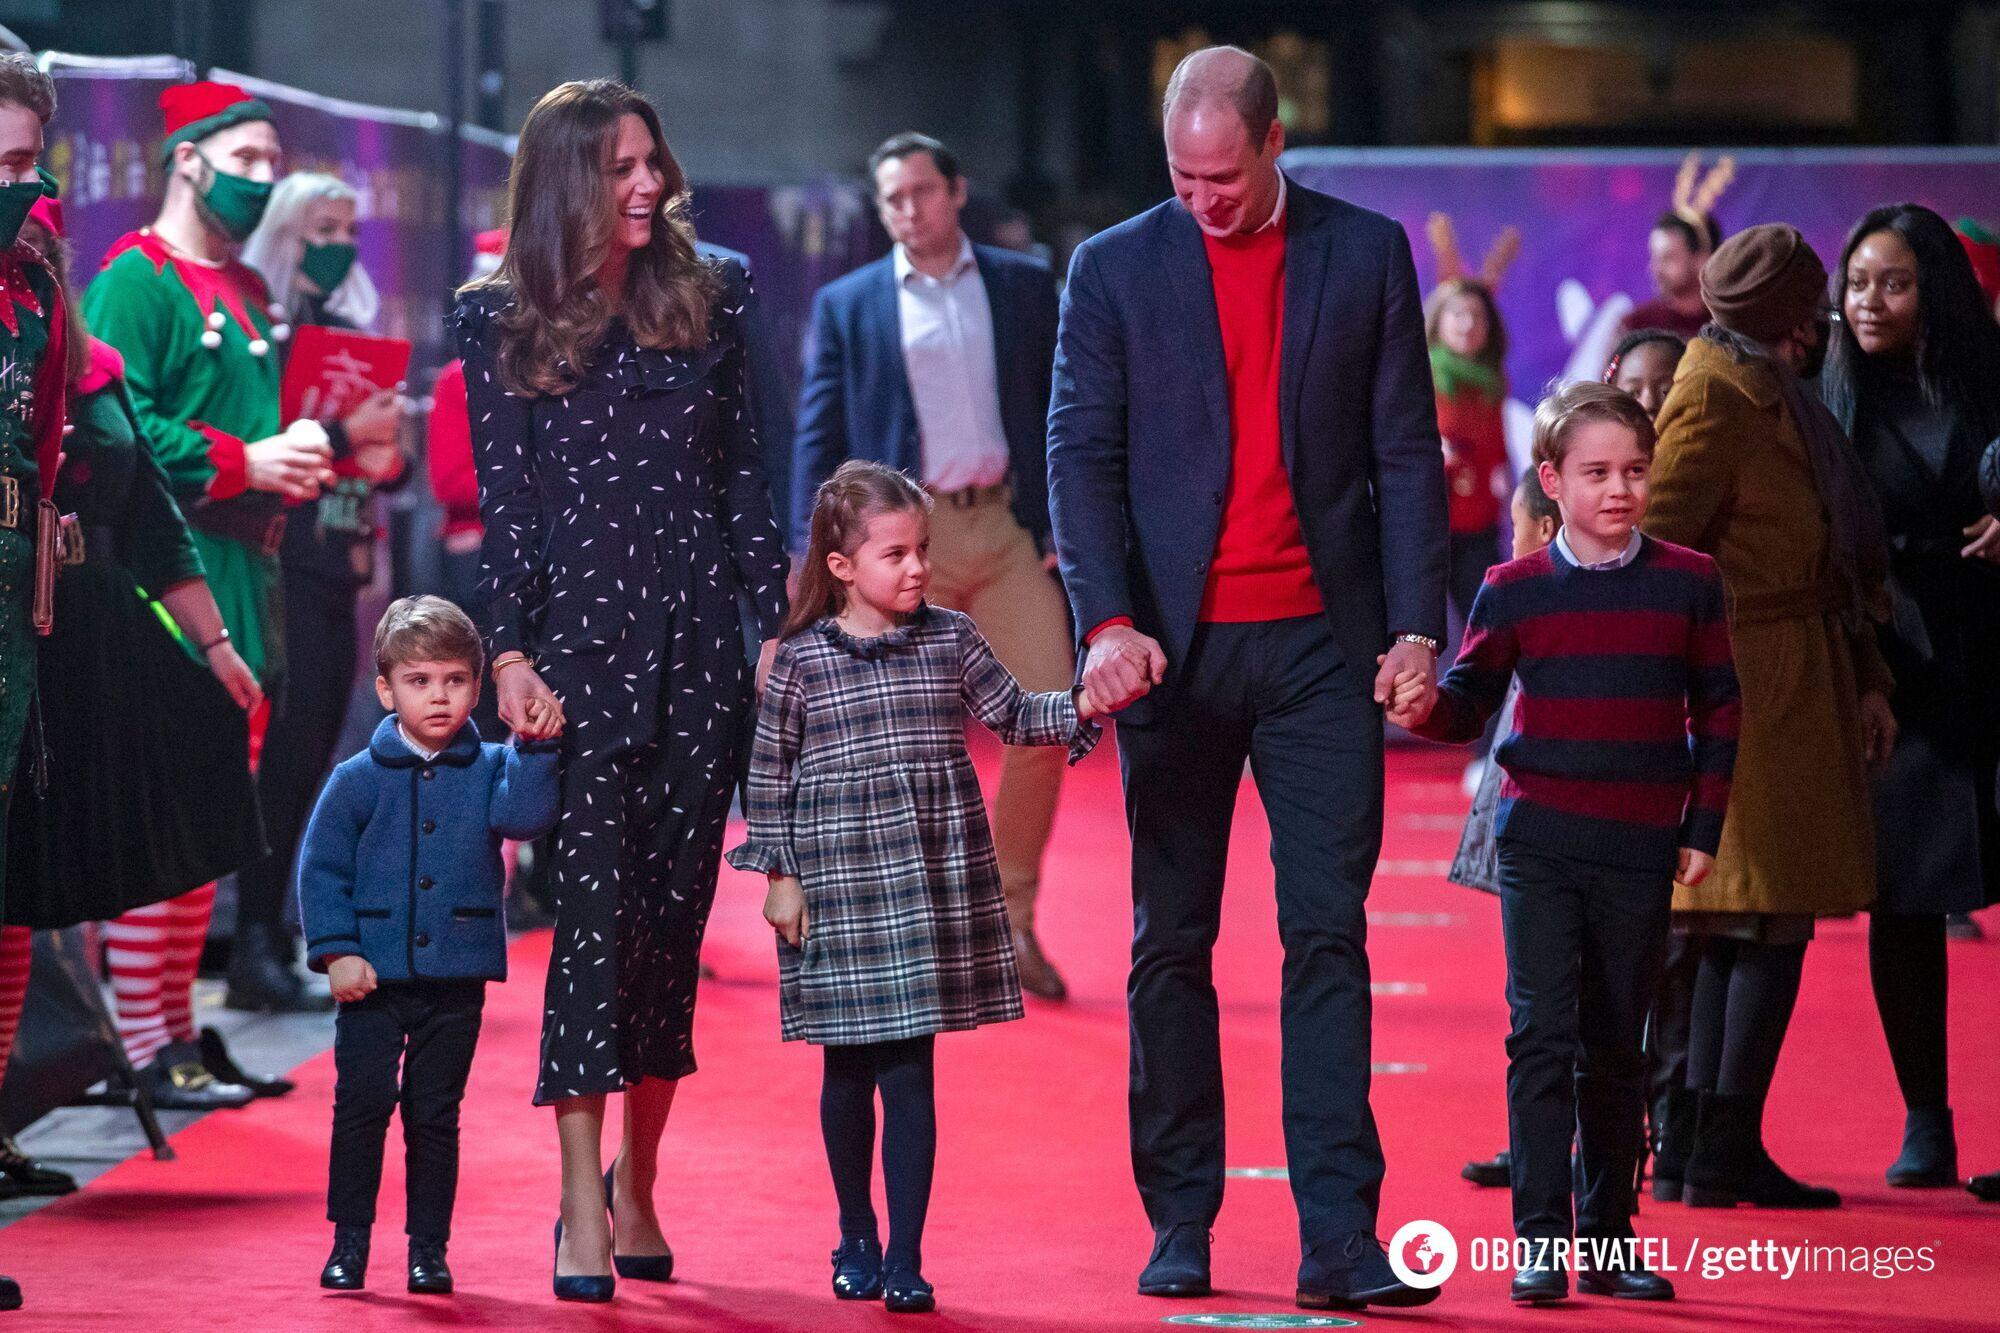 Сім'я принца Вільяма на різдв'яній вечірці в 2020 році.